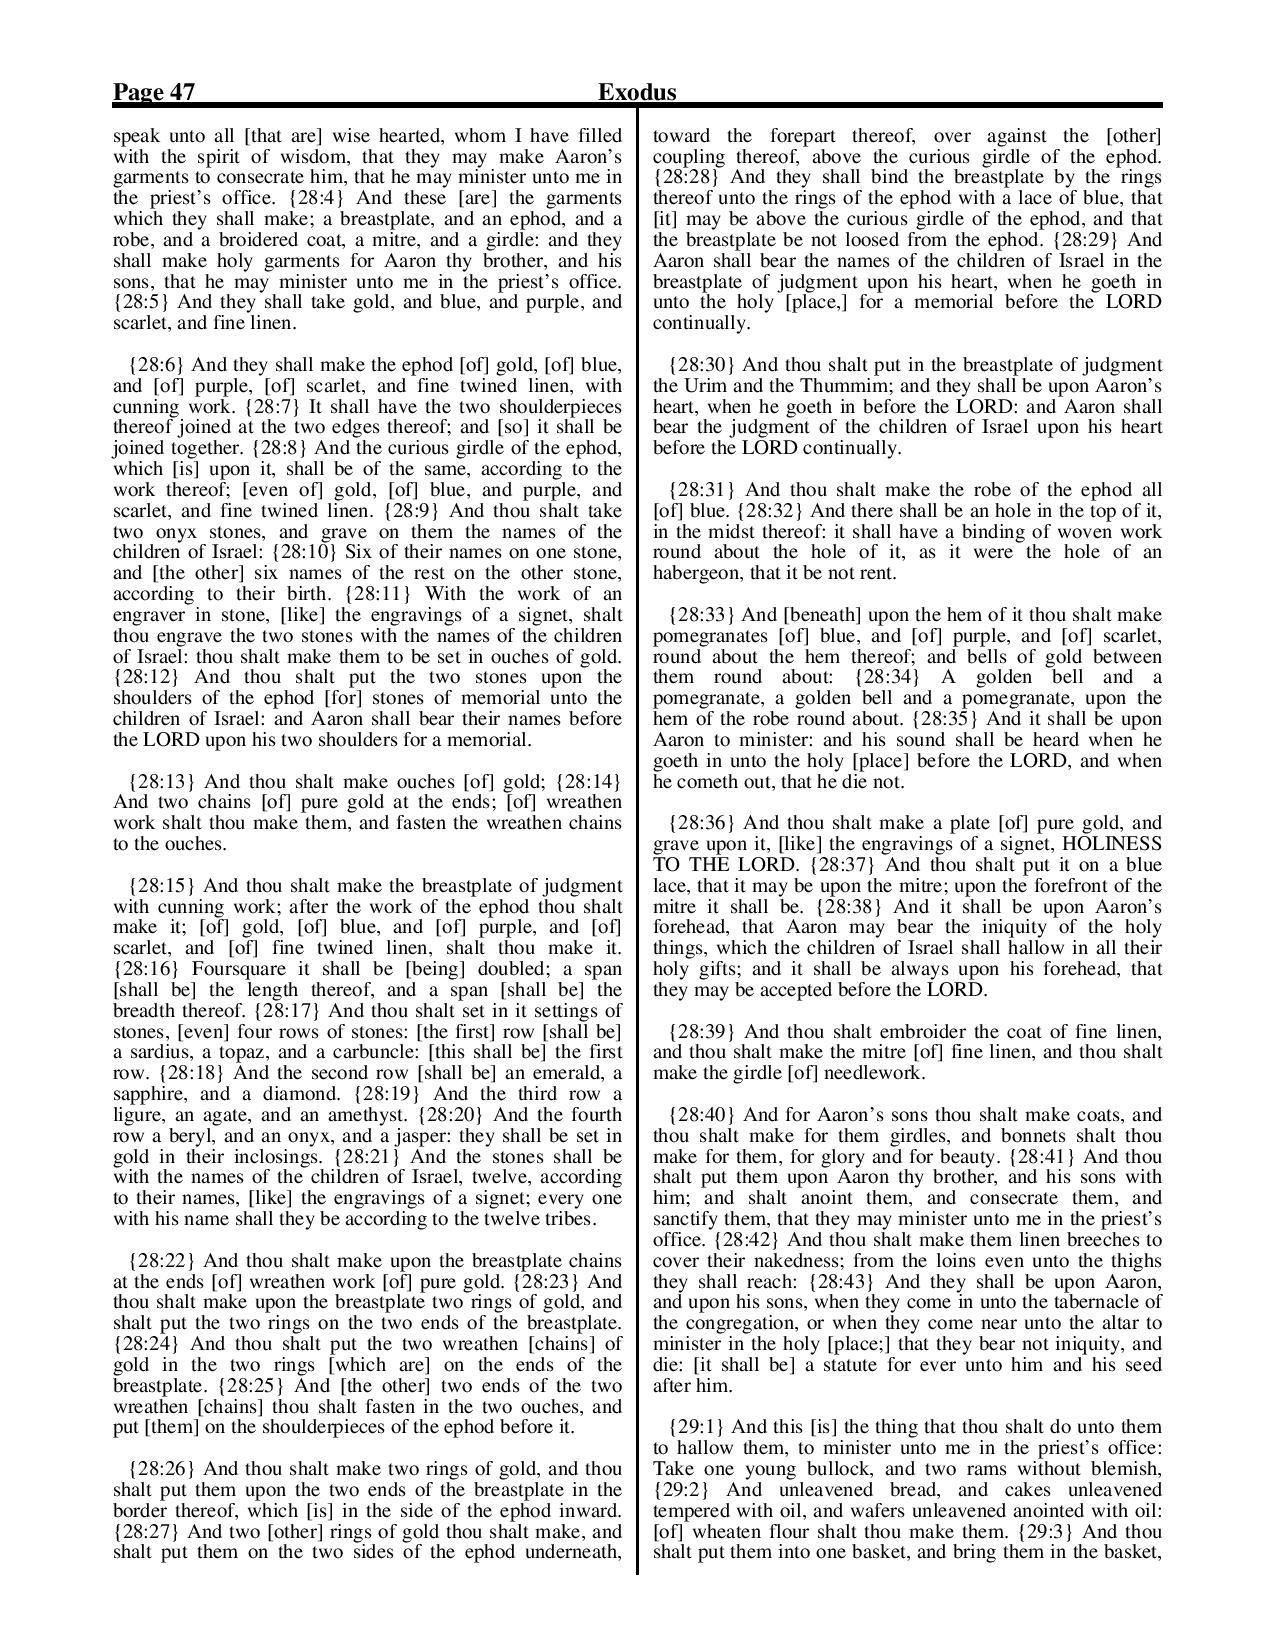 King-James-Bible-KJV-Bible-PDF-page-068